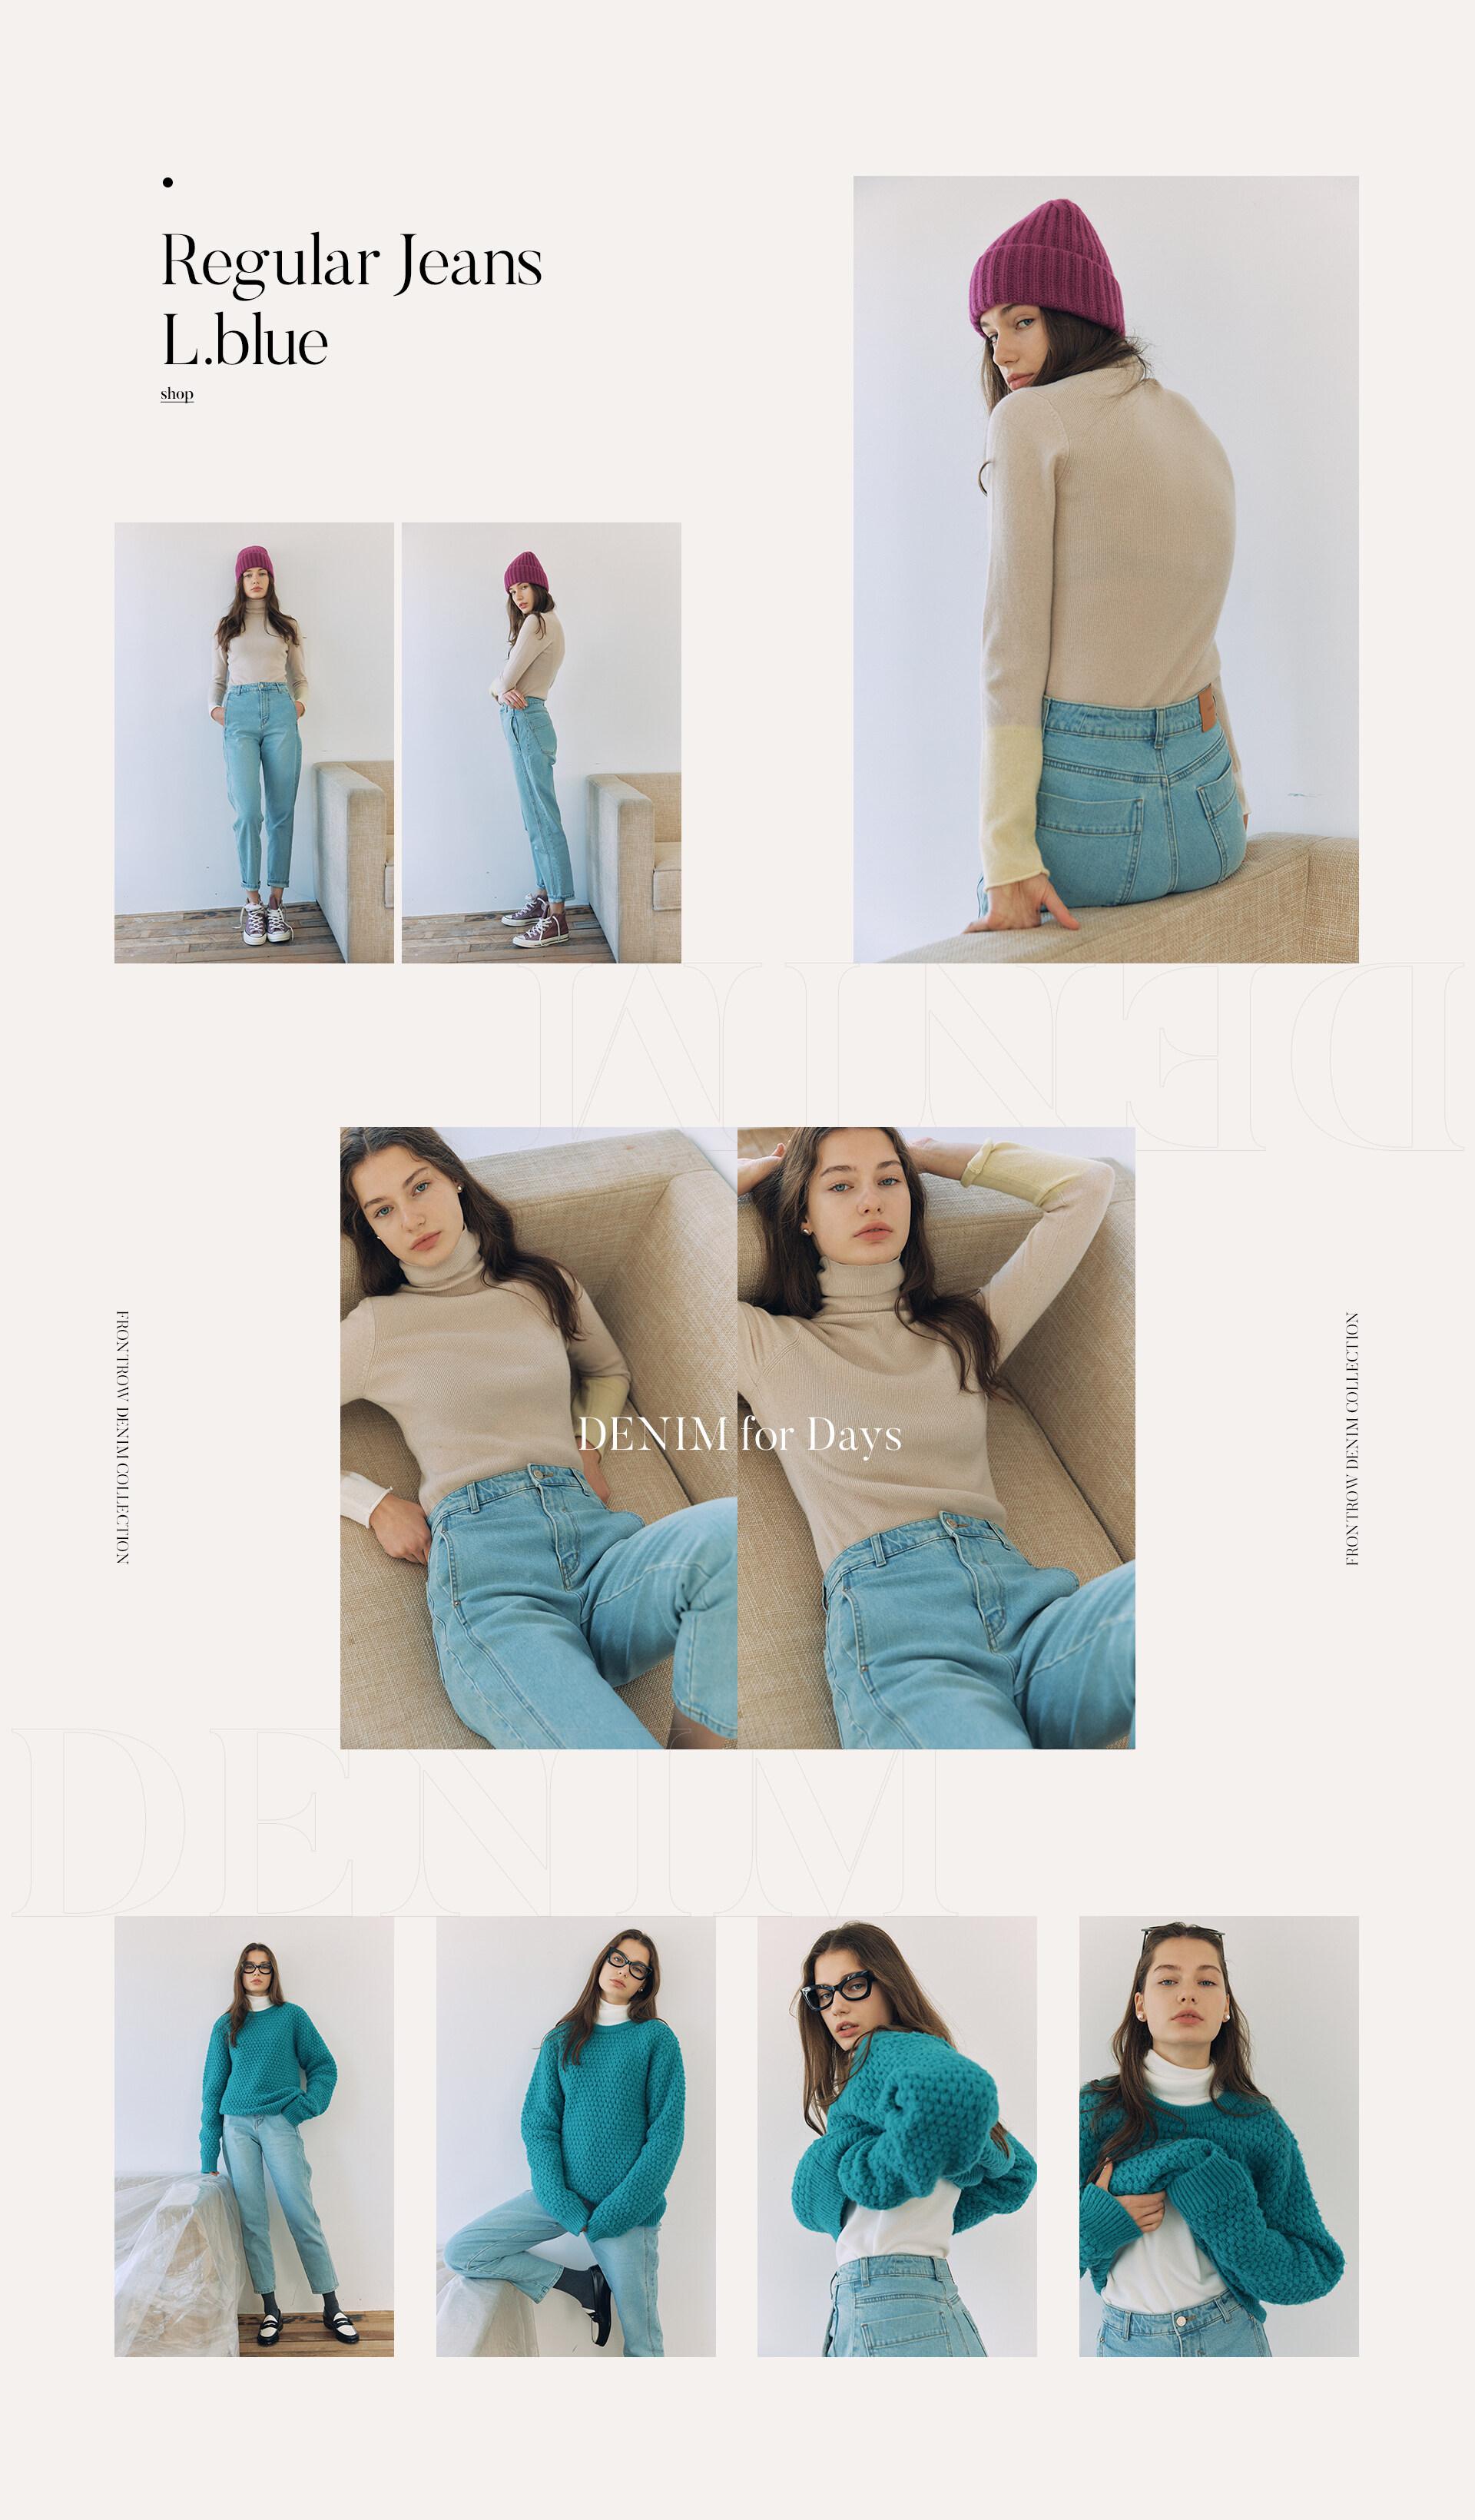 Regular Jeans L.blue